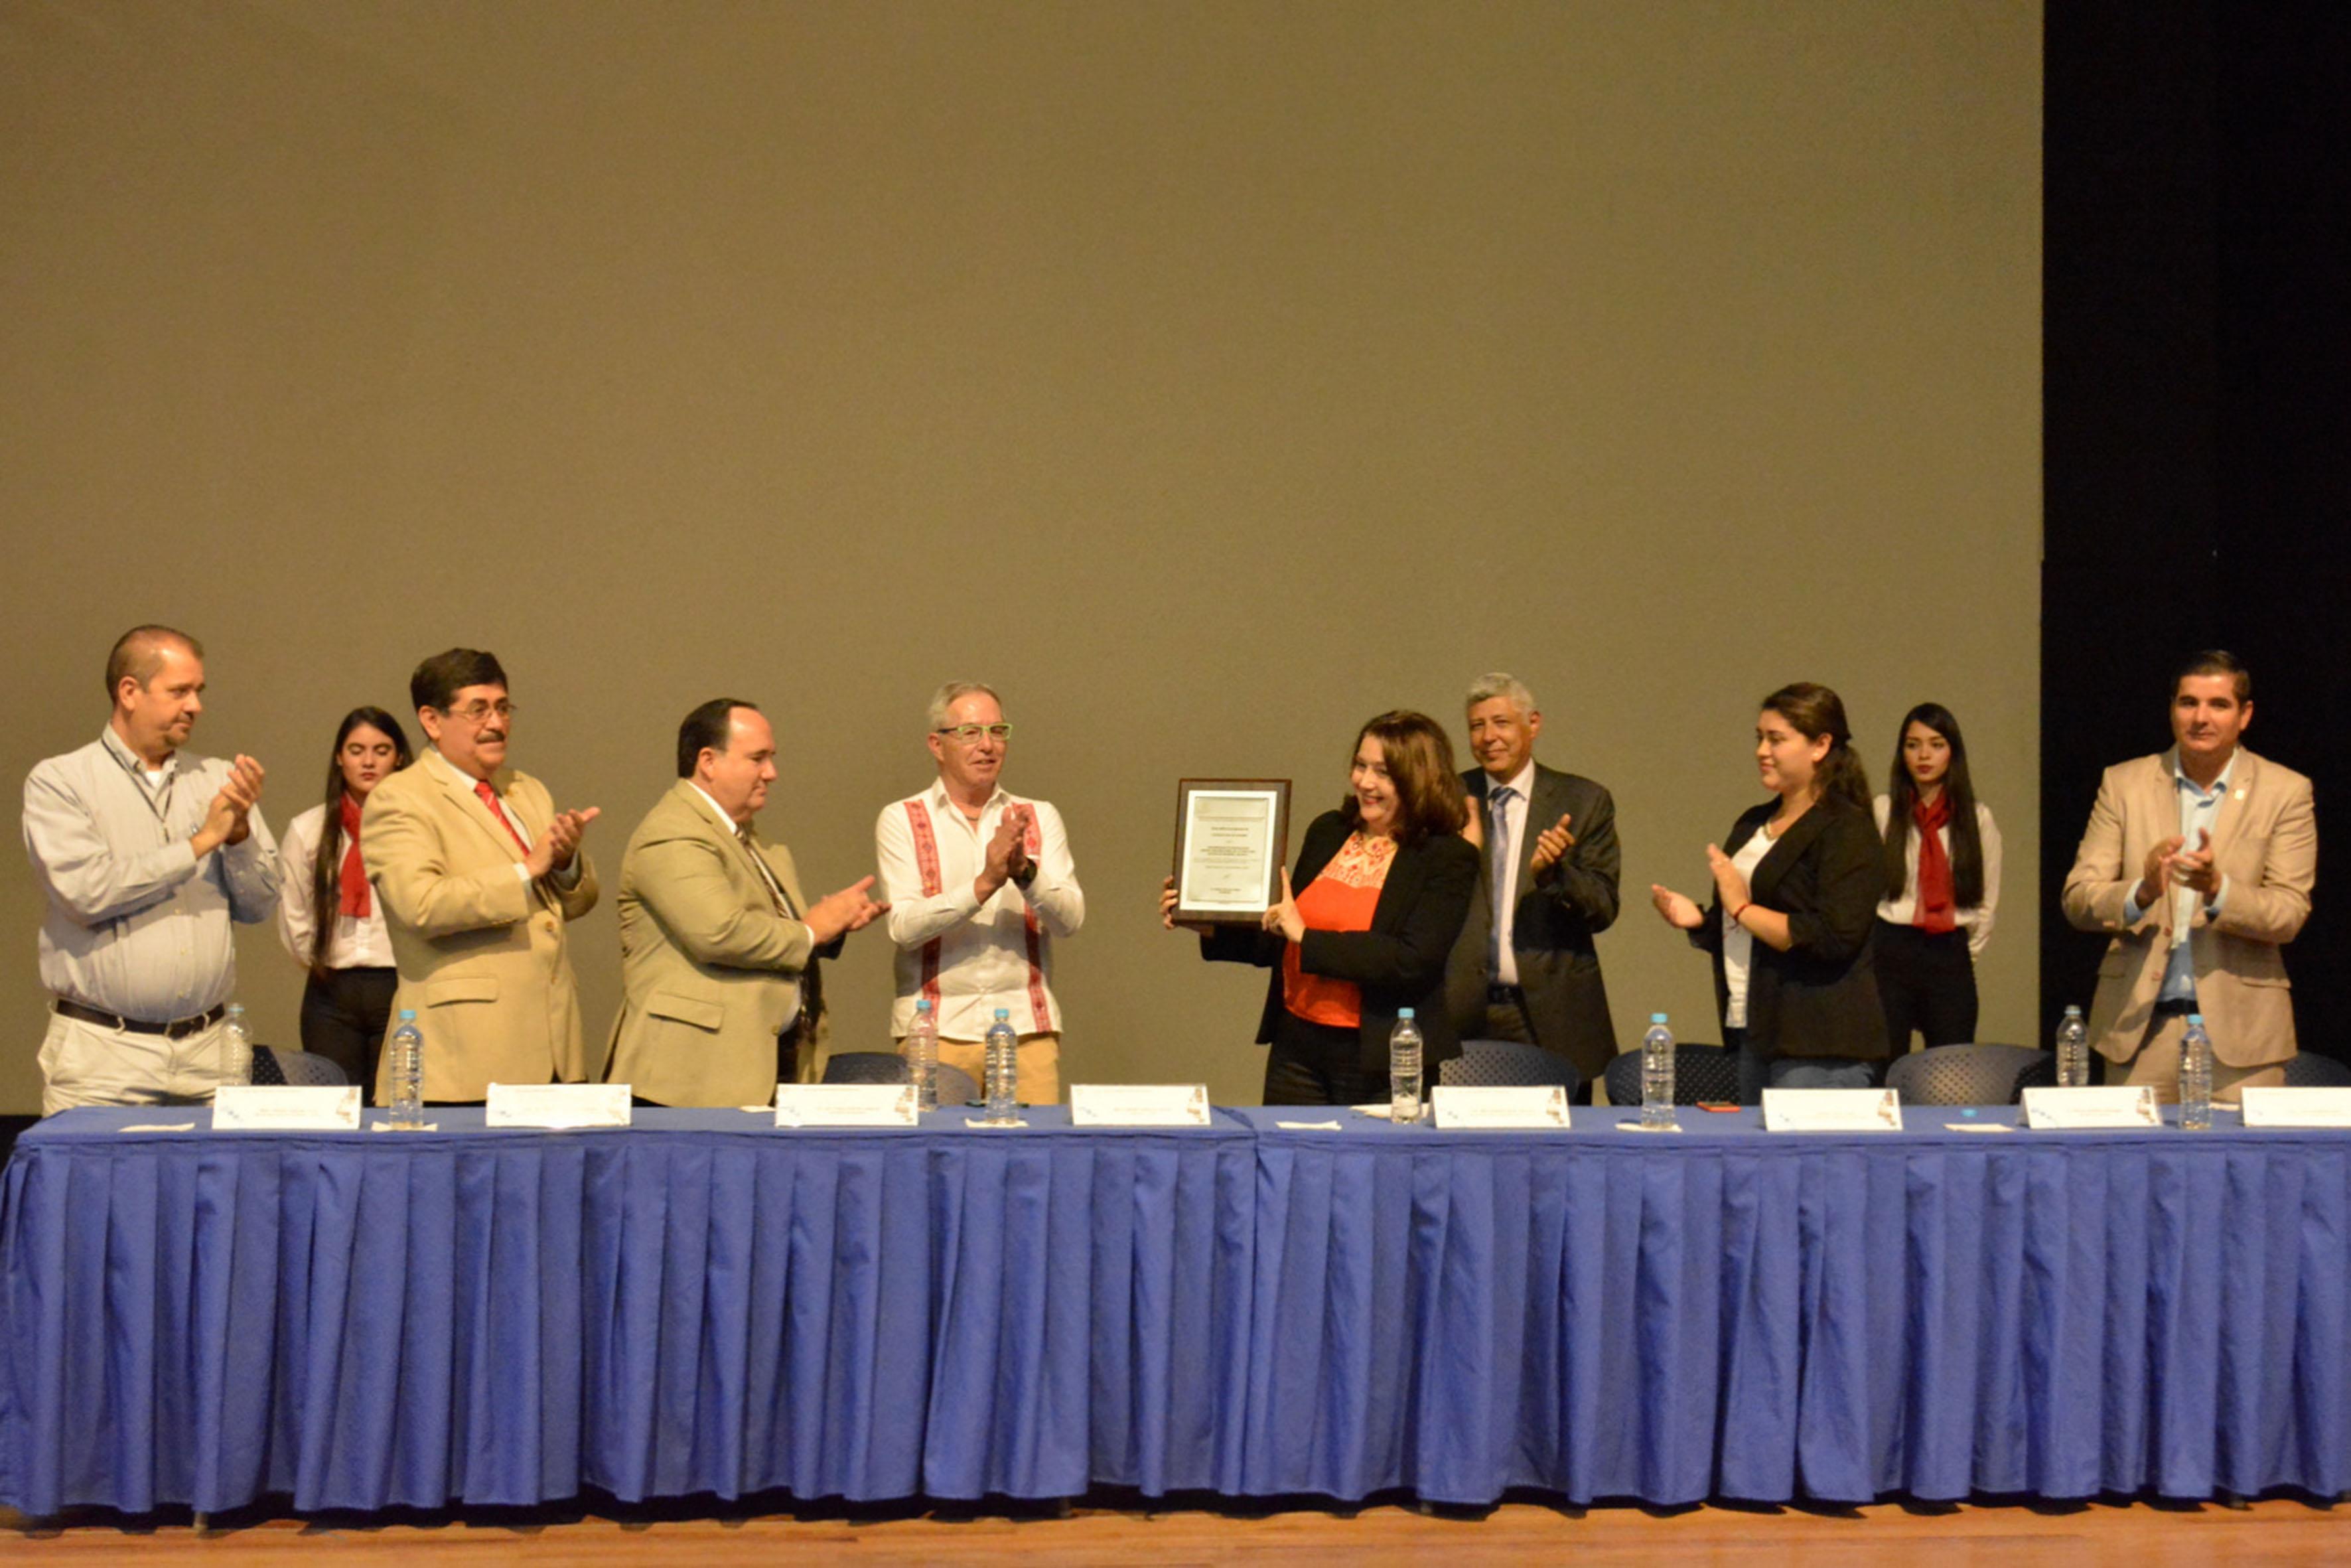 Doctora Lilia Victoria Oliver Sánchez, Rectora del CUCSur, mostrando constancia recibida de reacreditación como programa de calidad por parte del Conaet, mientras asistentes a acto protocolario aplauden.